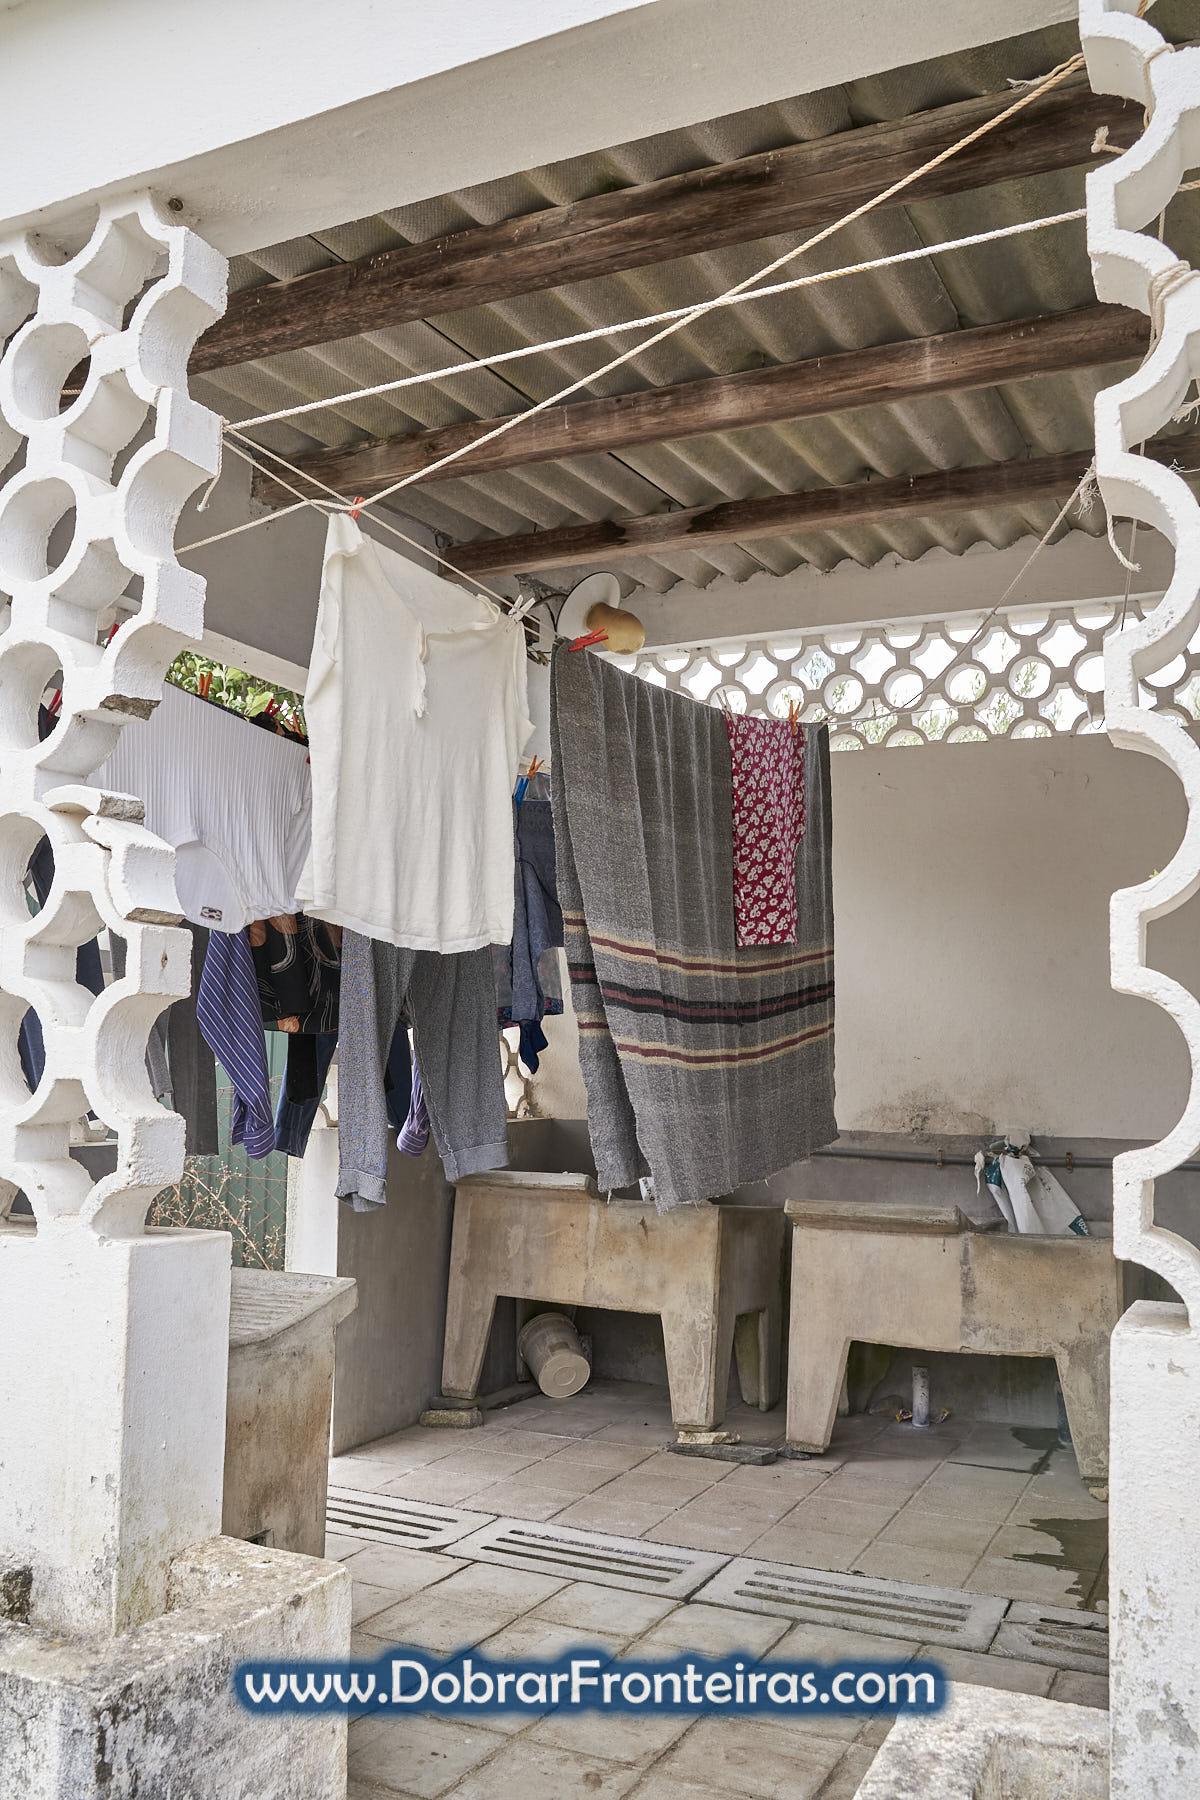 Lavadouro público com roupa estendida a secar